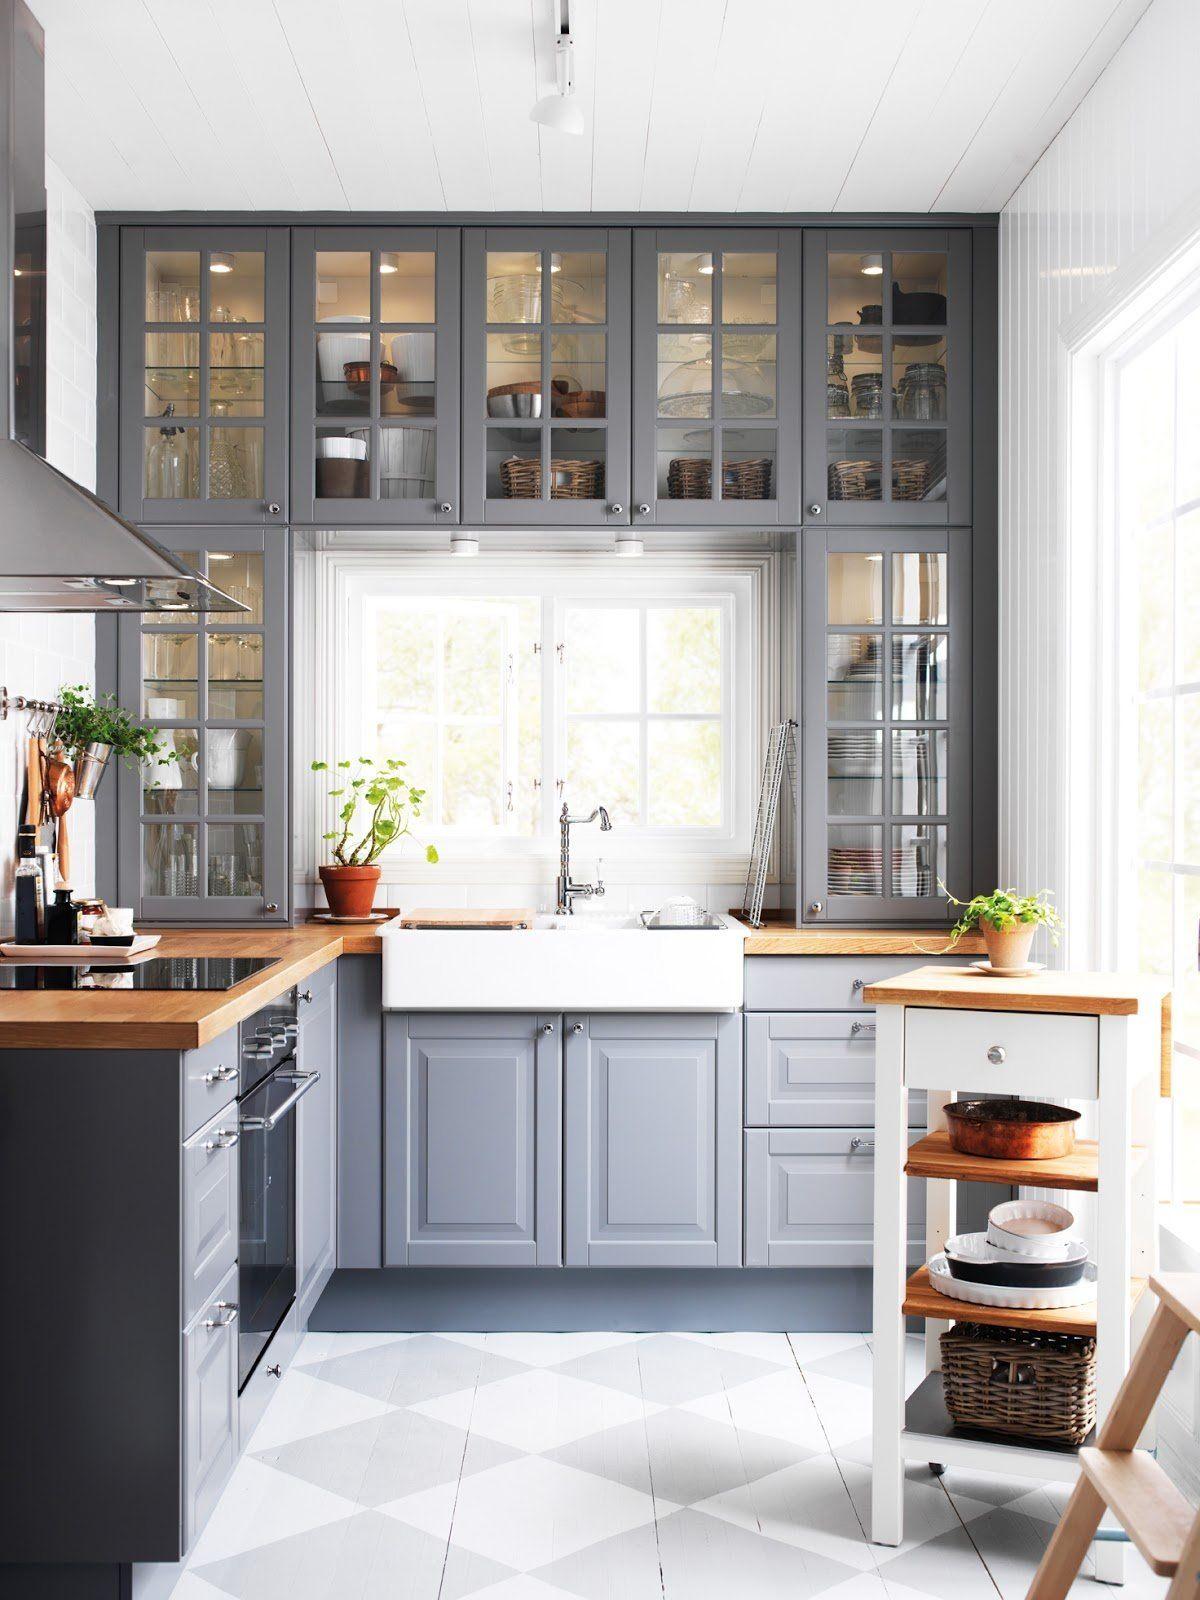 quelle küchenplaner online großartige pic und ccdaacfacdb